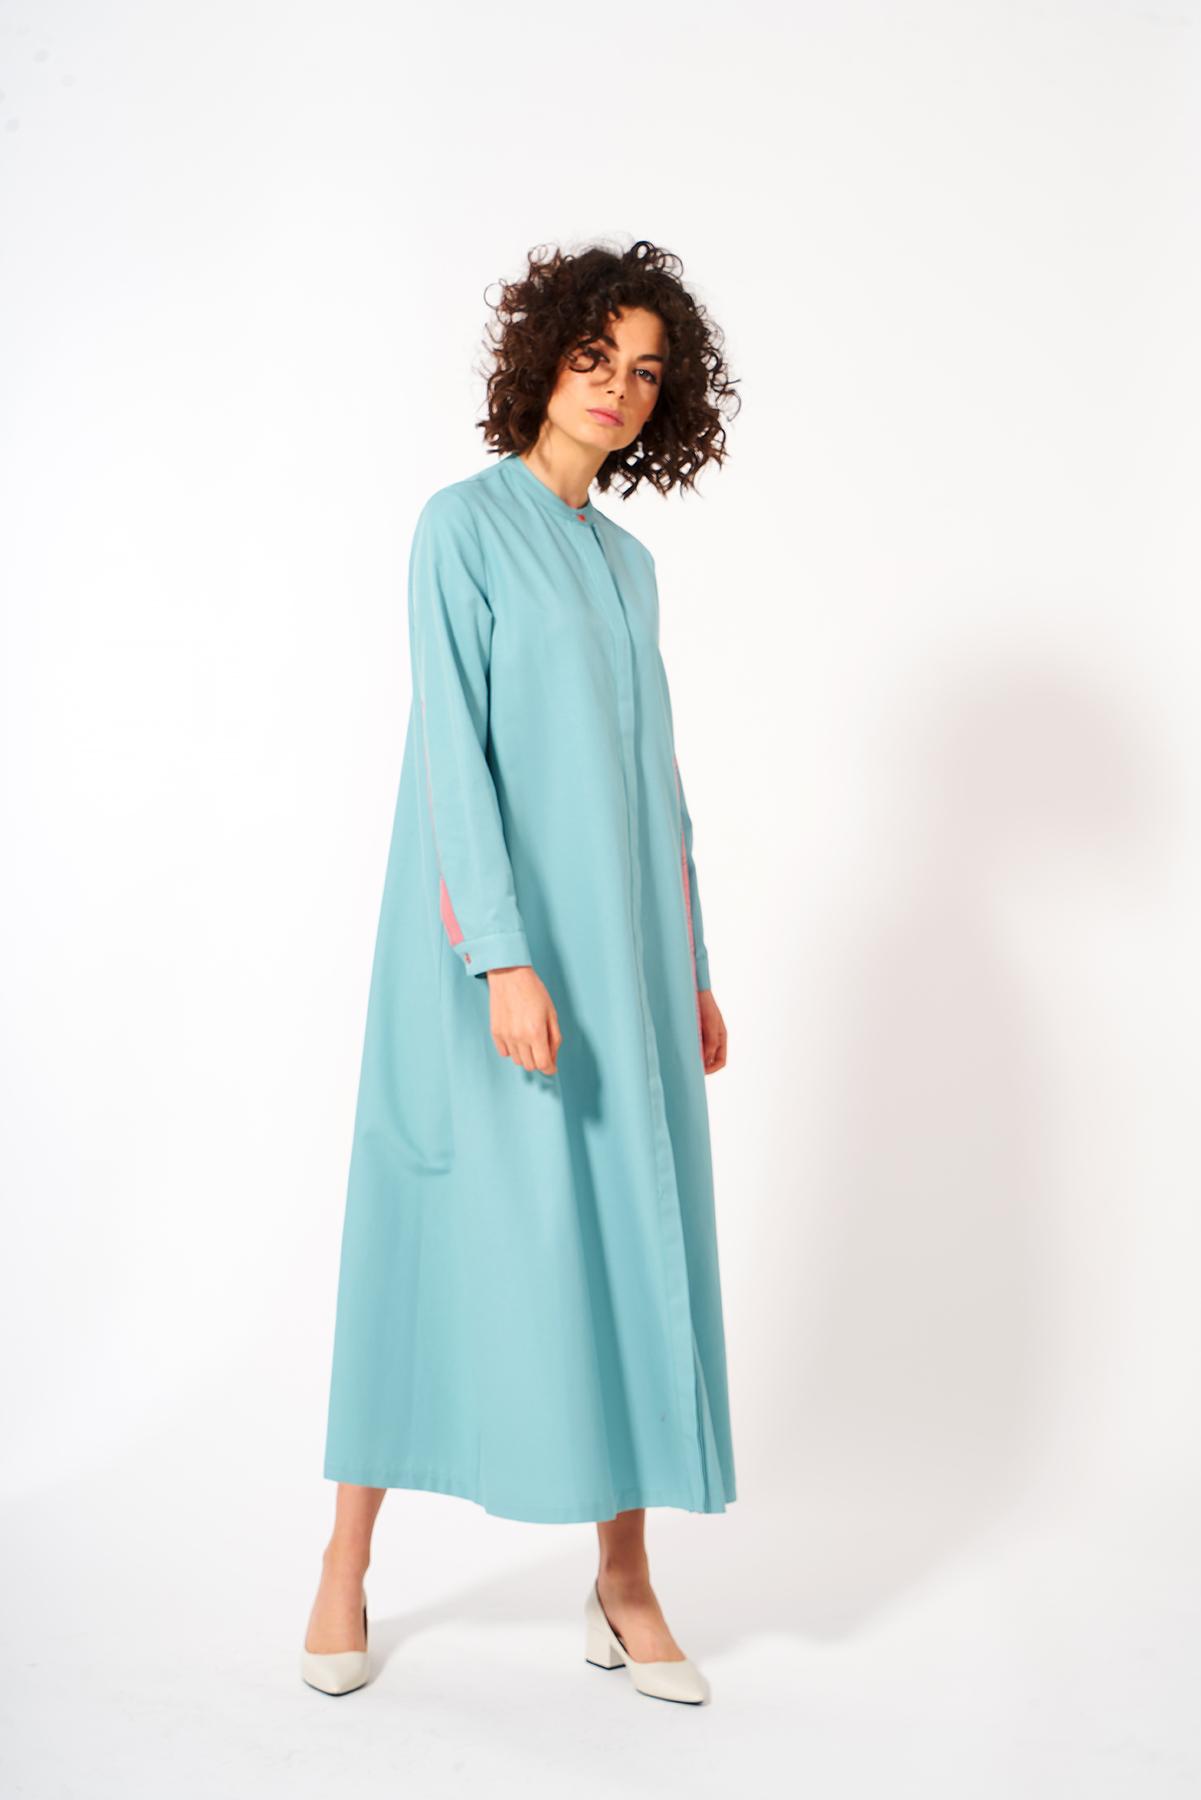 Mevra - Üçgen Detay Elbise Mint